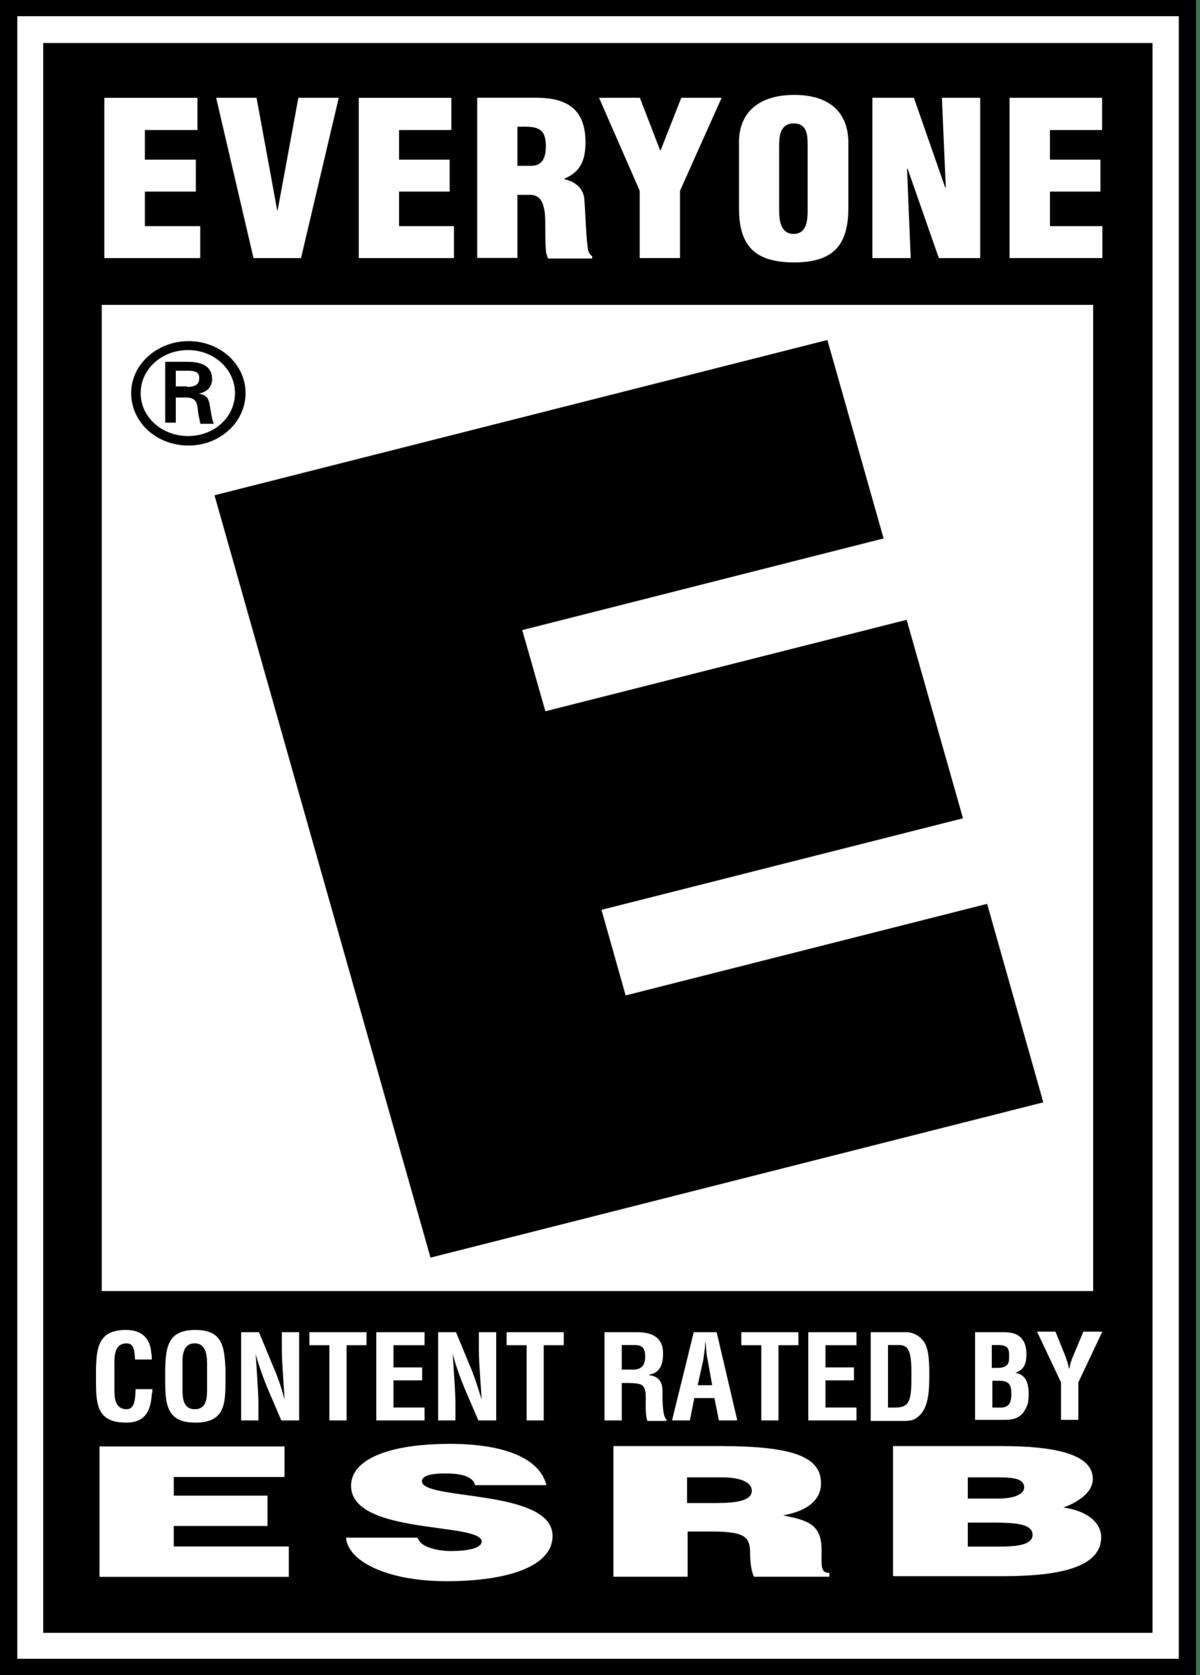 Videojuegos, clasificación